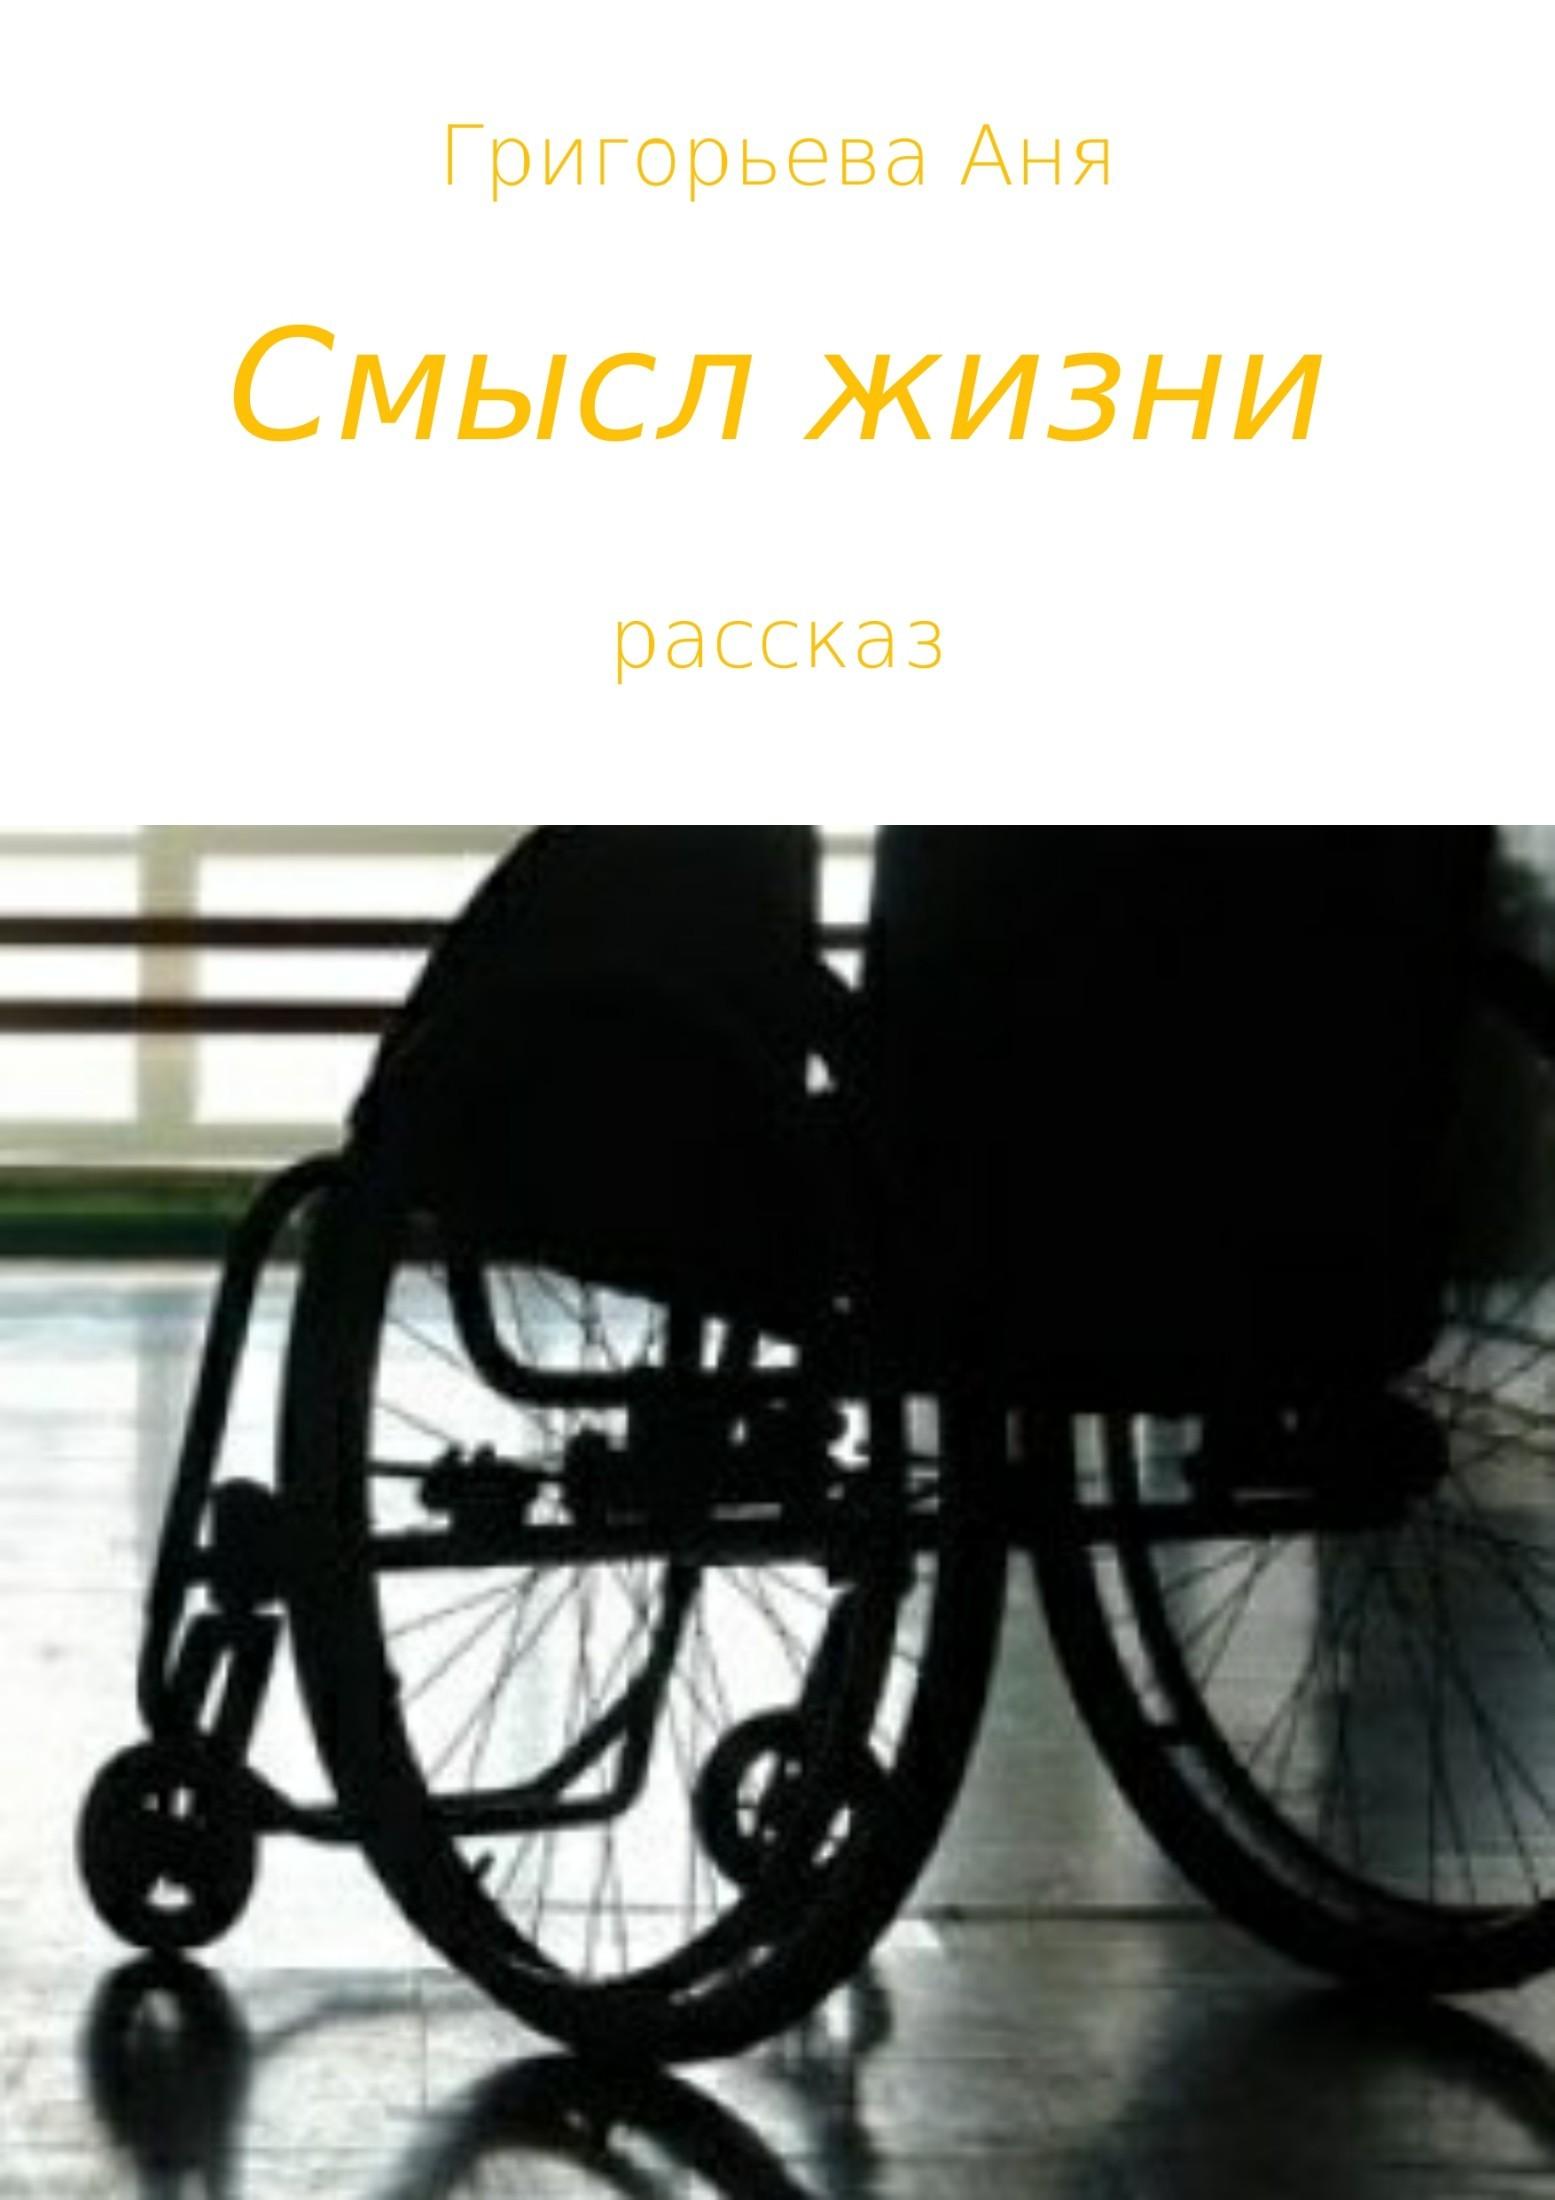 Аня Григорьева Смысл жизни е в еремина соленикова старинные бальные танцы новое время dvd